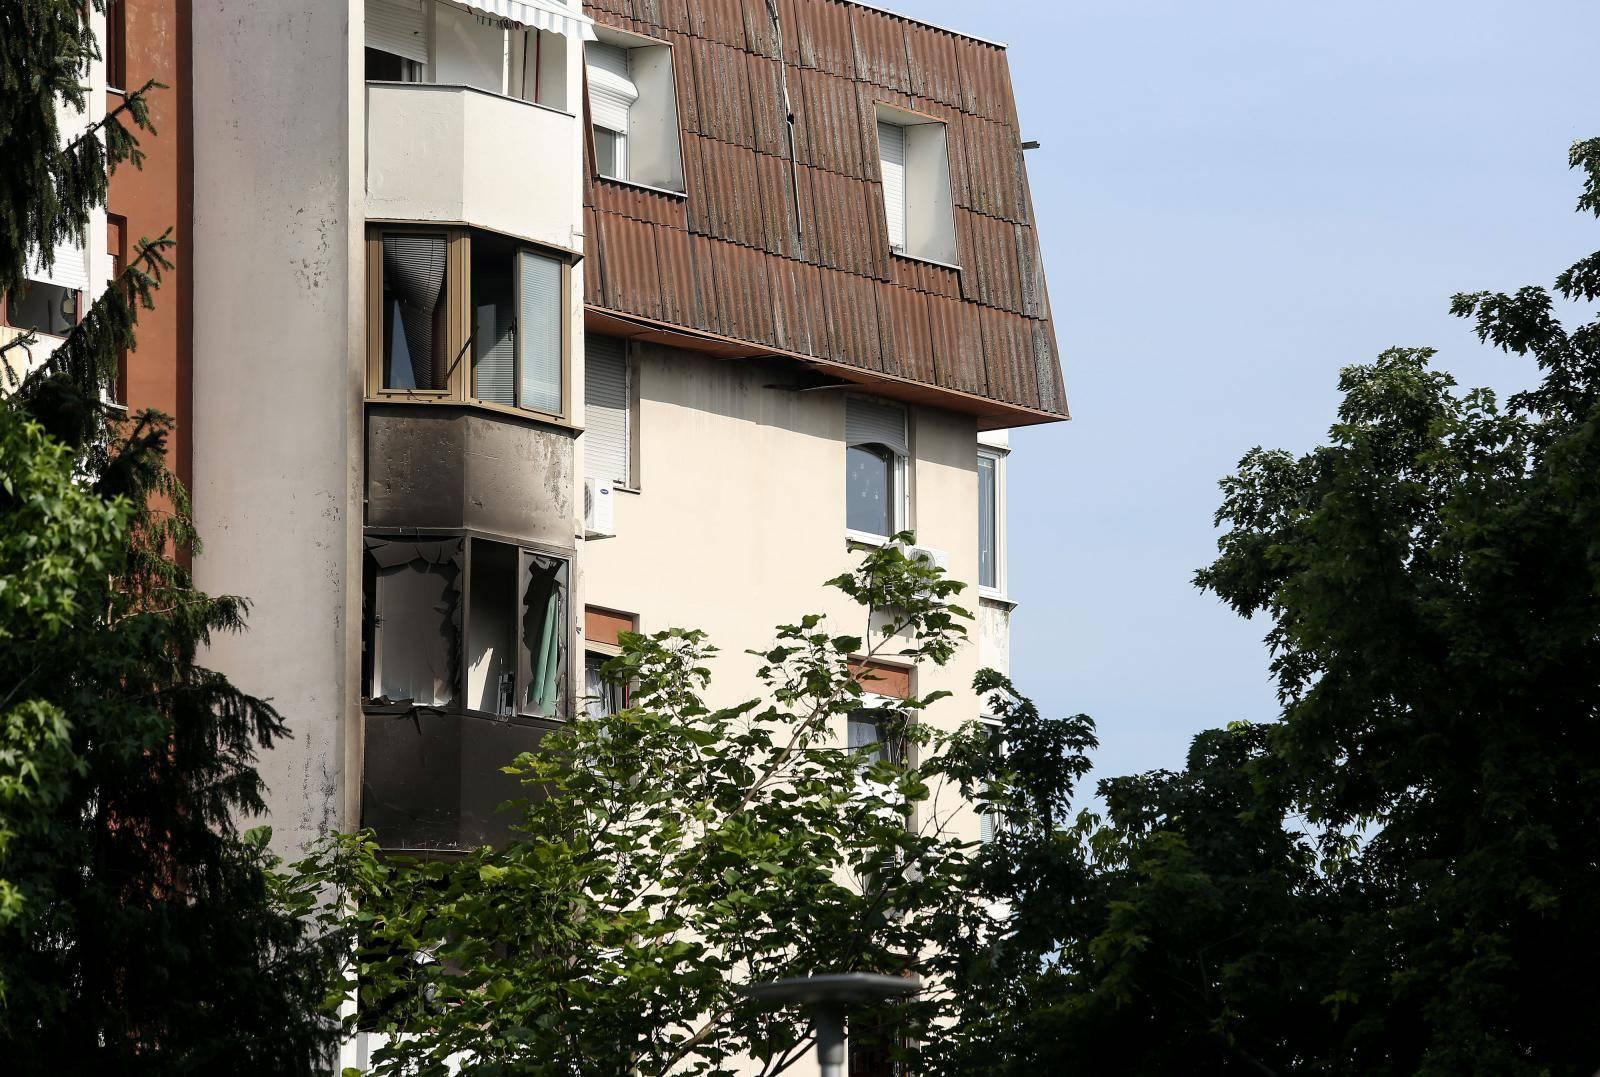 Zagreb: U eksploziji plinske boce u zgradi na Stenjevcu jedna osoba ozlijeðena